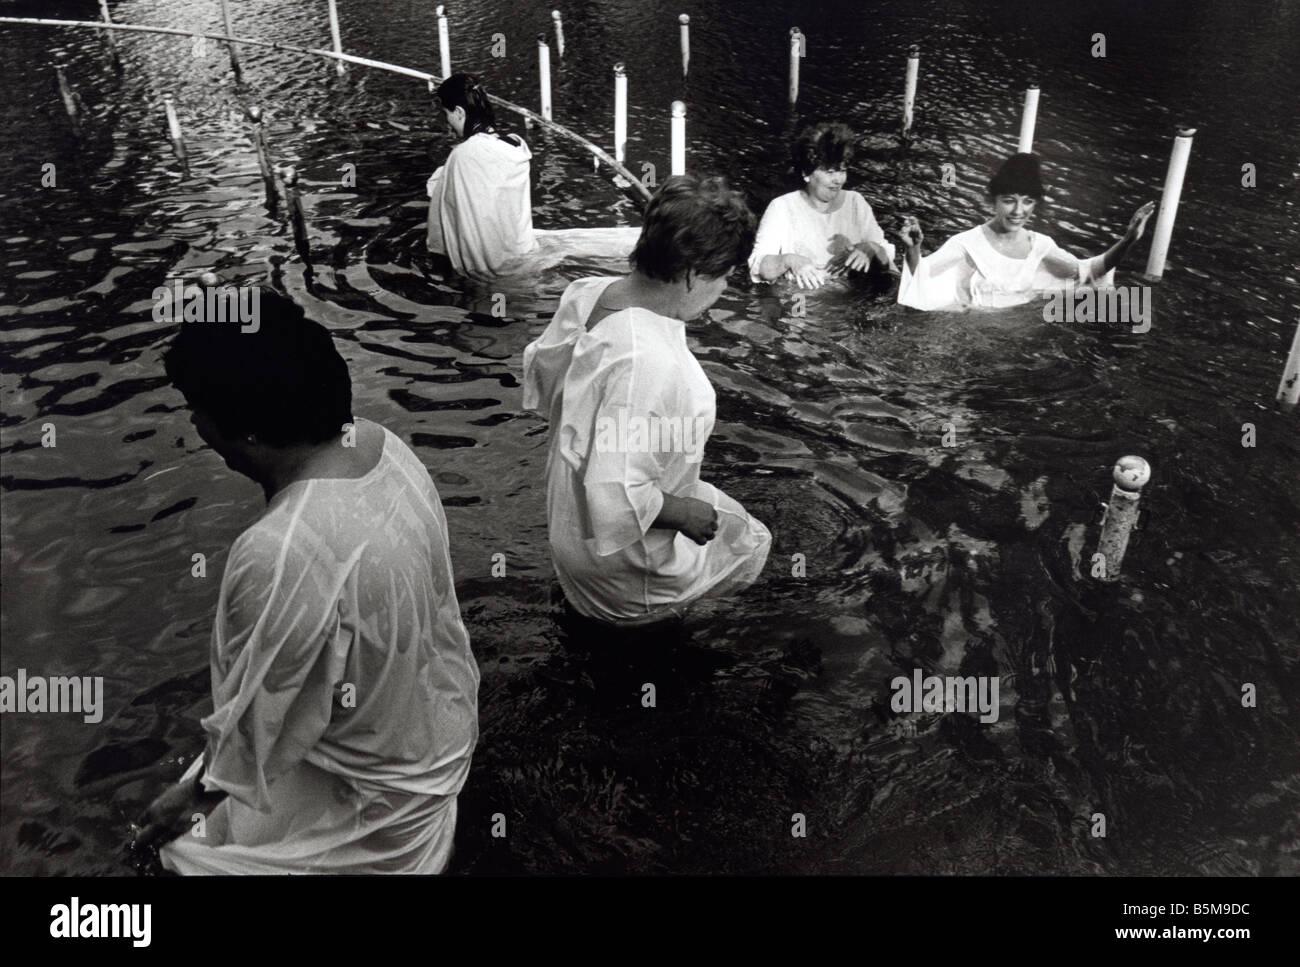 Pilgrims being baptised in the River Jordan, Kibbutz Kinneret, Israel 1999 - Stock Image